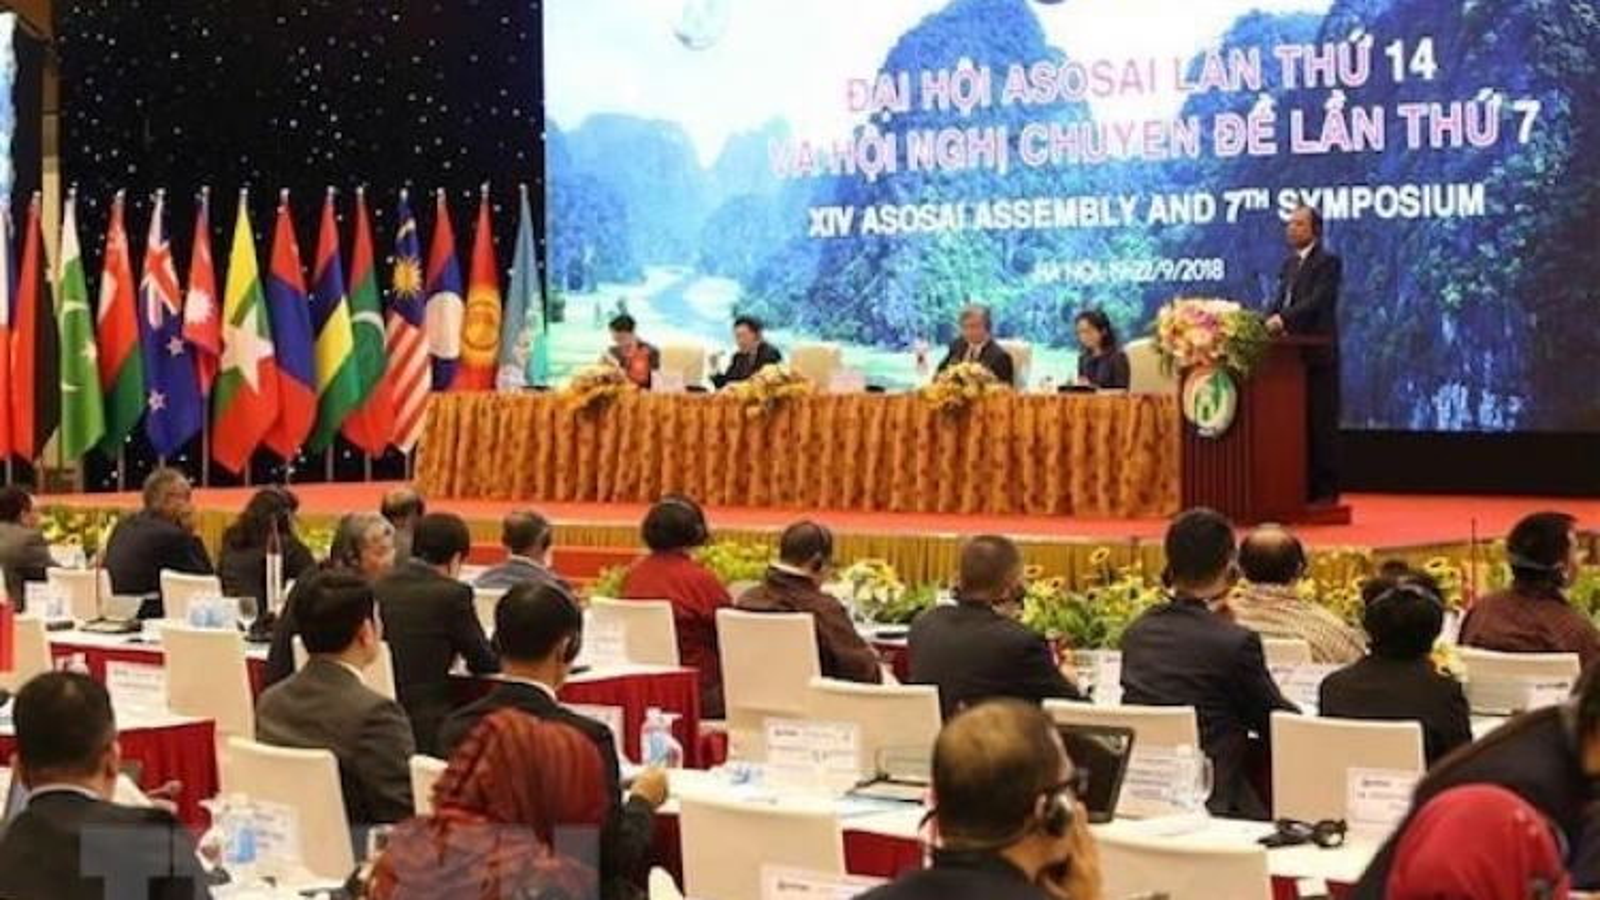 ASOSAI 14: The Hanoi Declaration